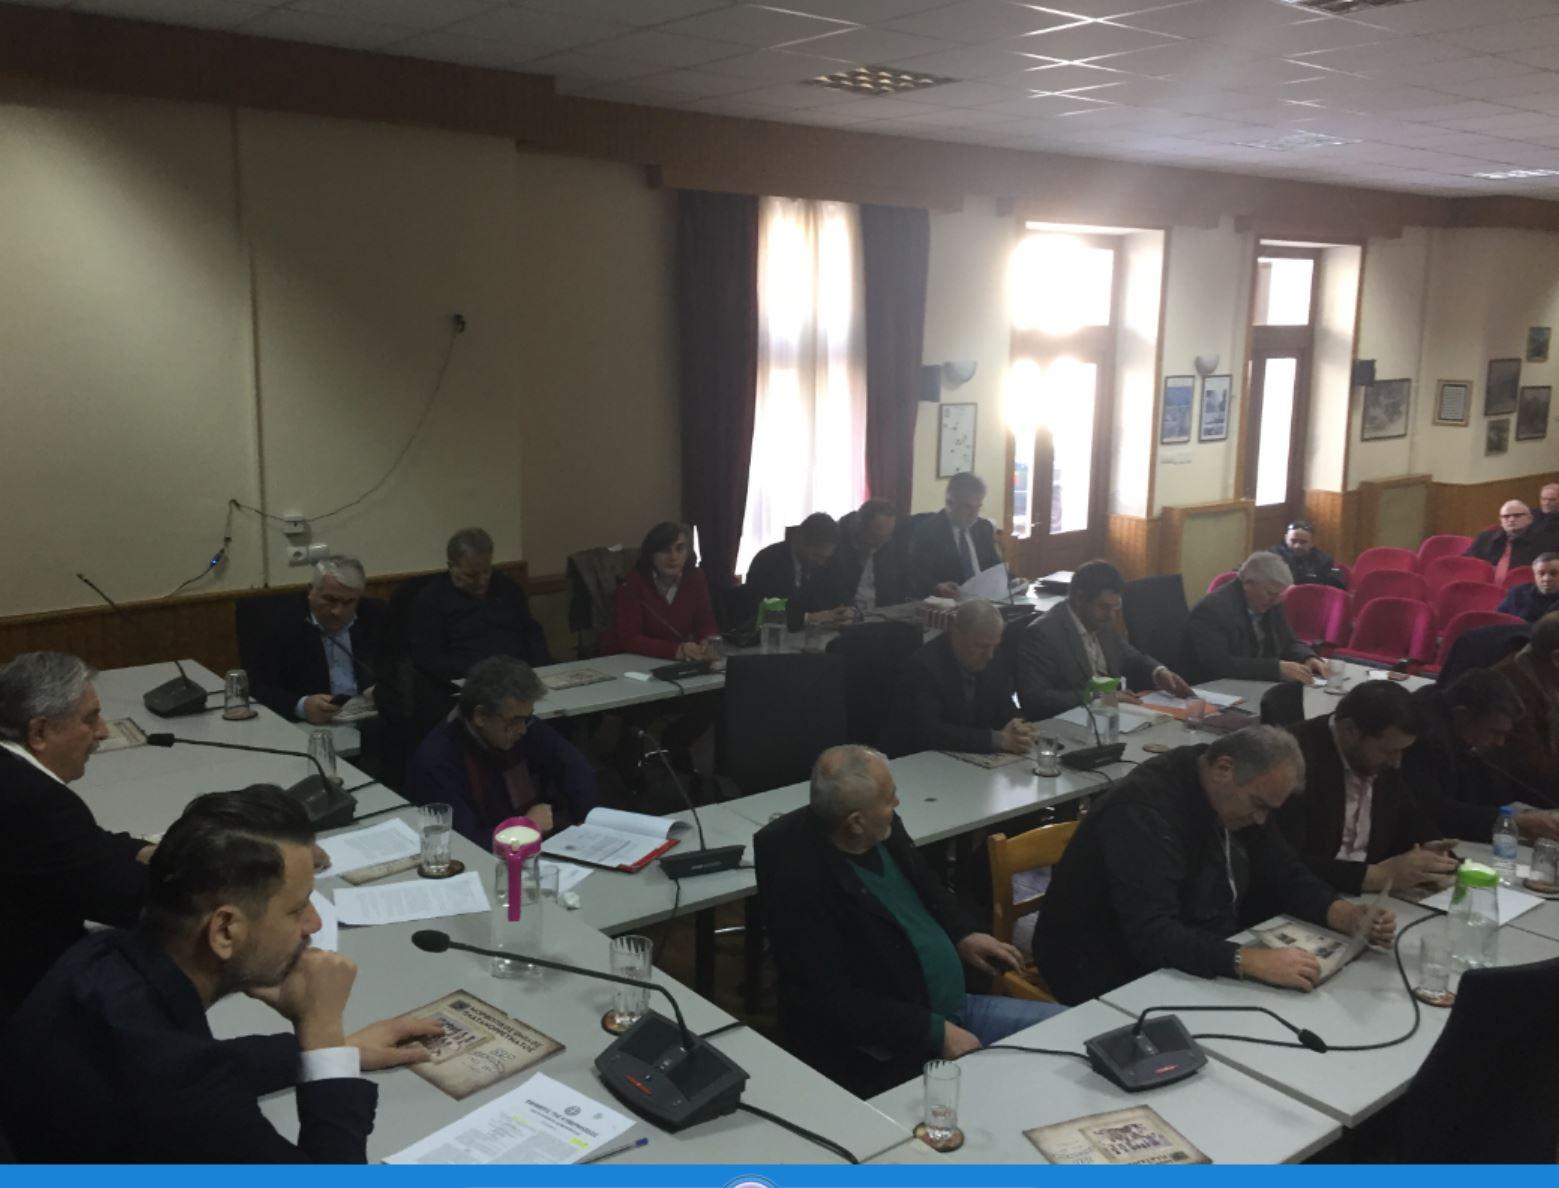 Ειδική συνεδρίαση του Δημοτικού Συμβουλίου του Δήμου Σερβίων – Βελβεντού , τη Δευτέρα 30 Ιανουαρίου